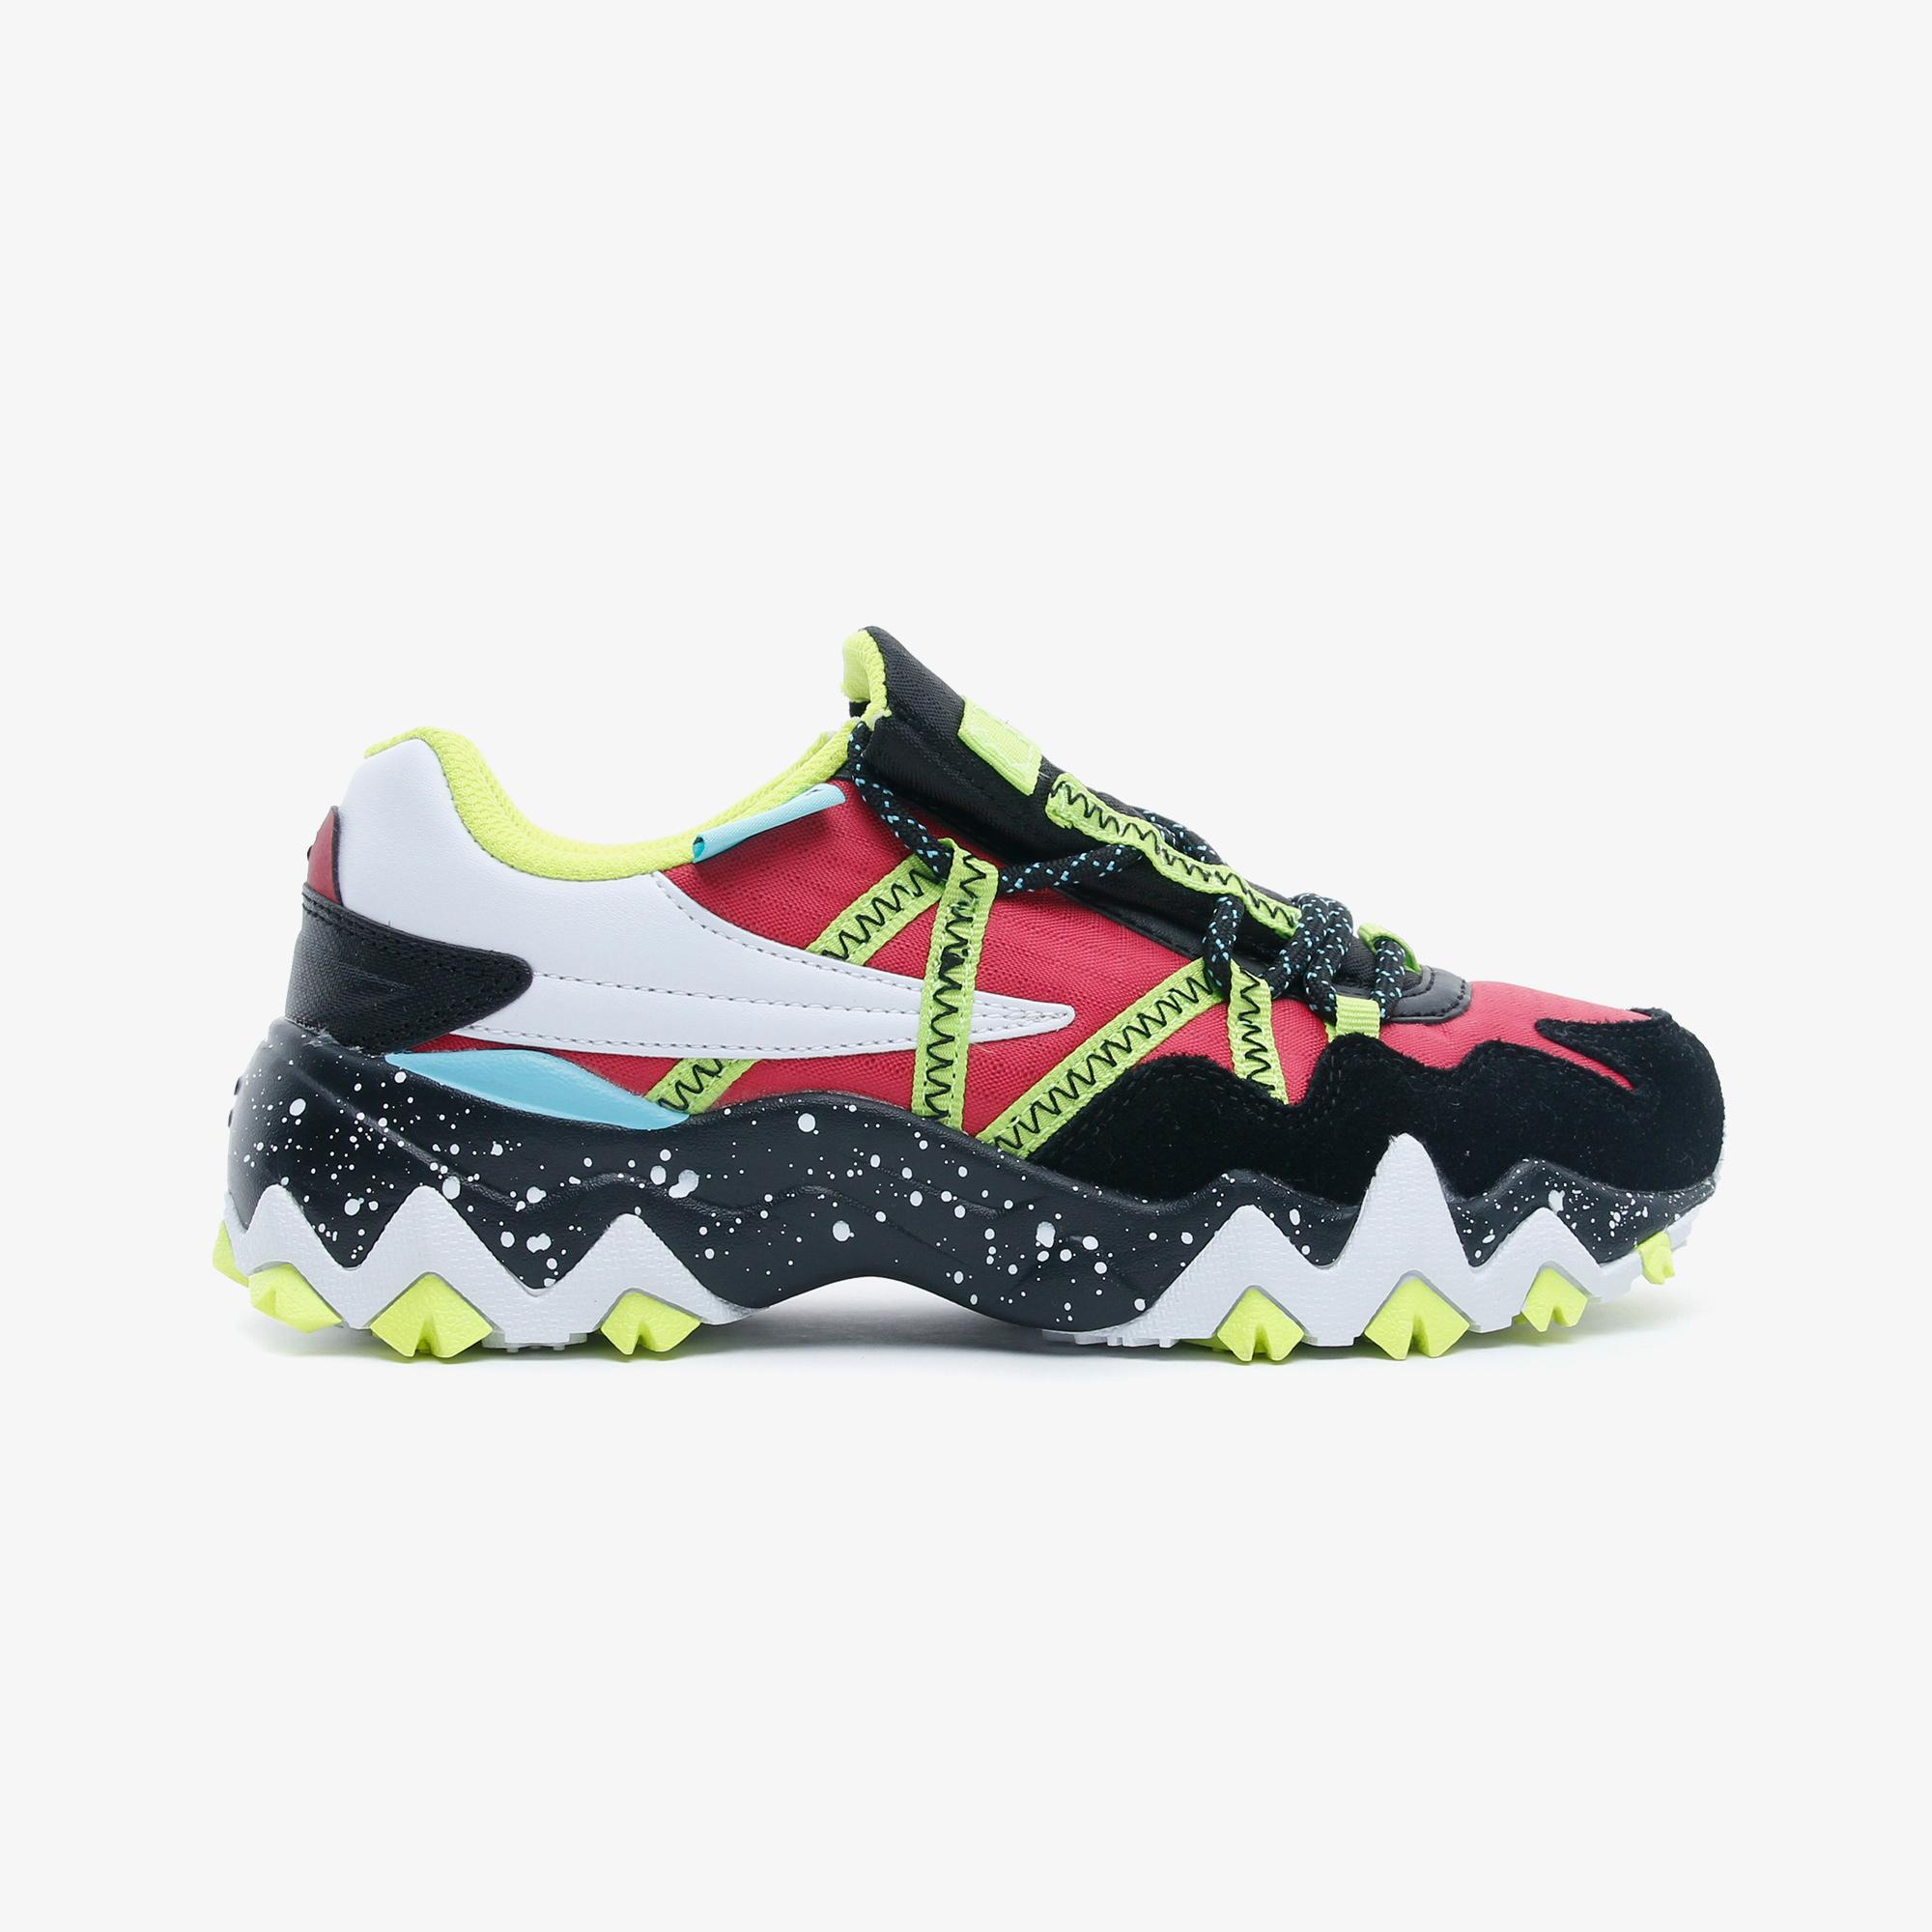 Fila Trailer Kadın Renkli Spor Ayakkabı